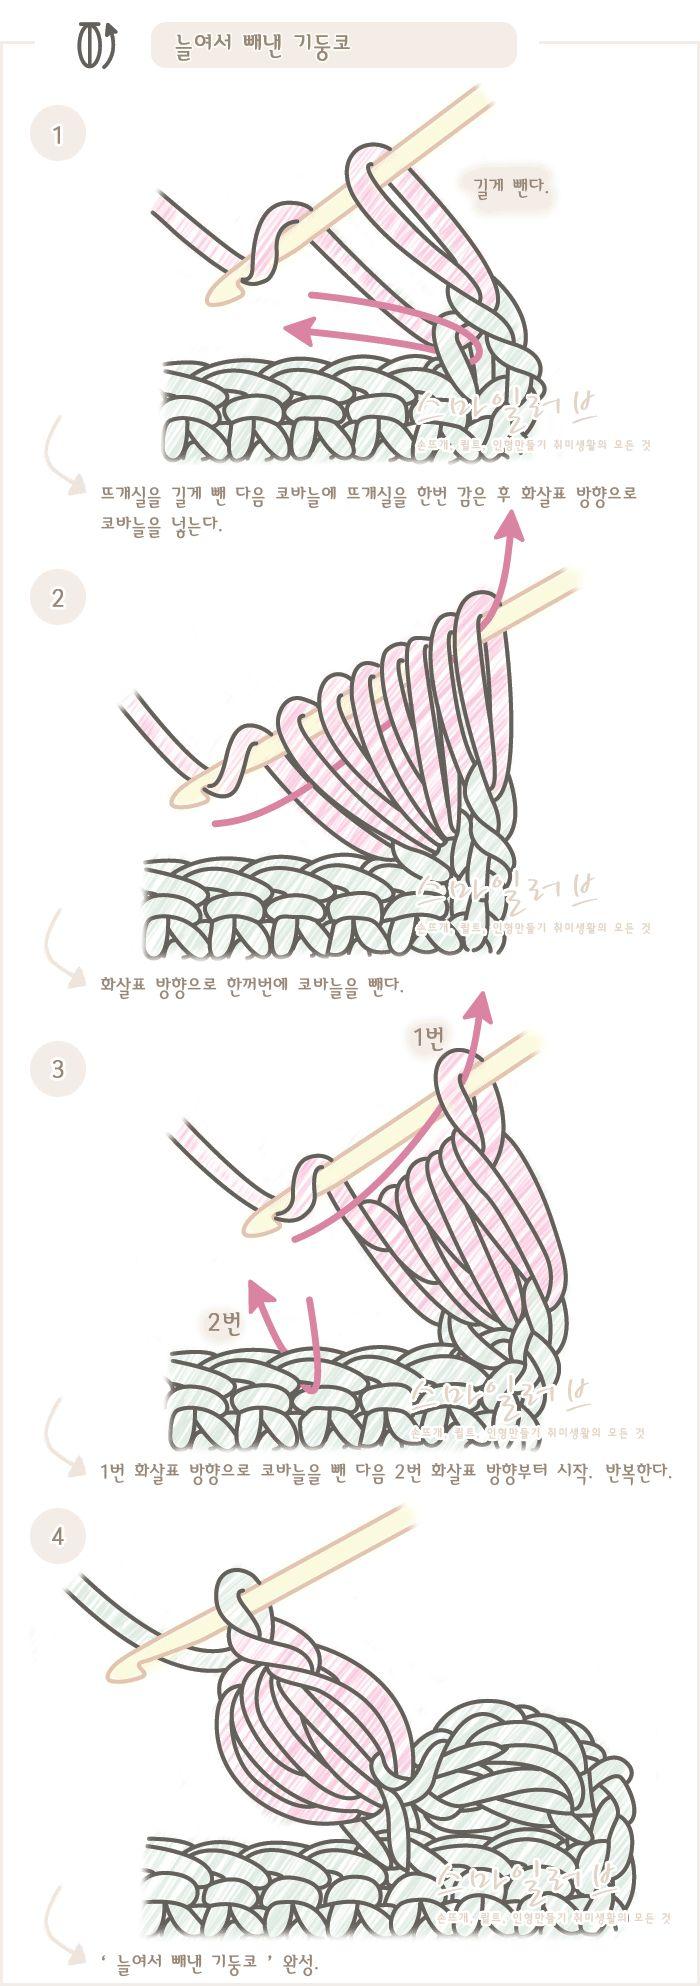 푸미스토리 손뜨개 뜨개실 털실 핸드메이드샵 - 코바늘 강좌 [[늘여서 빼낸 기둥코]코바늘 도안기호와 뜨는 방법. 뜨개질(손뜨개) 무료]